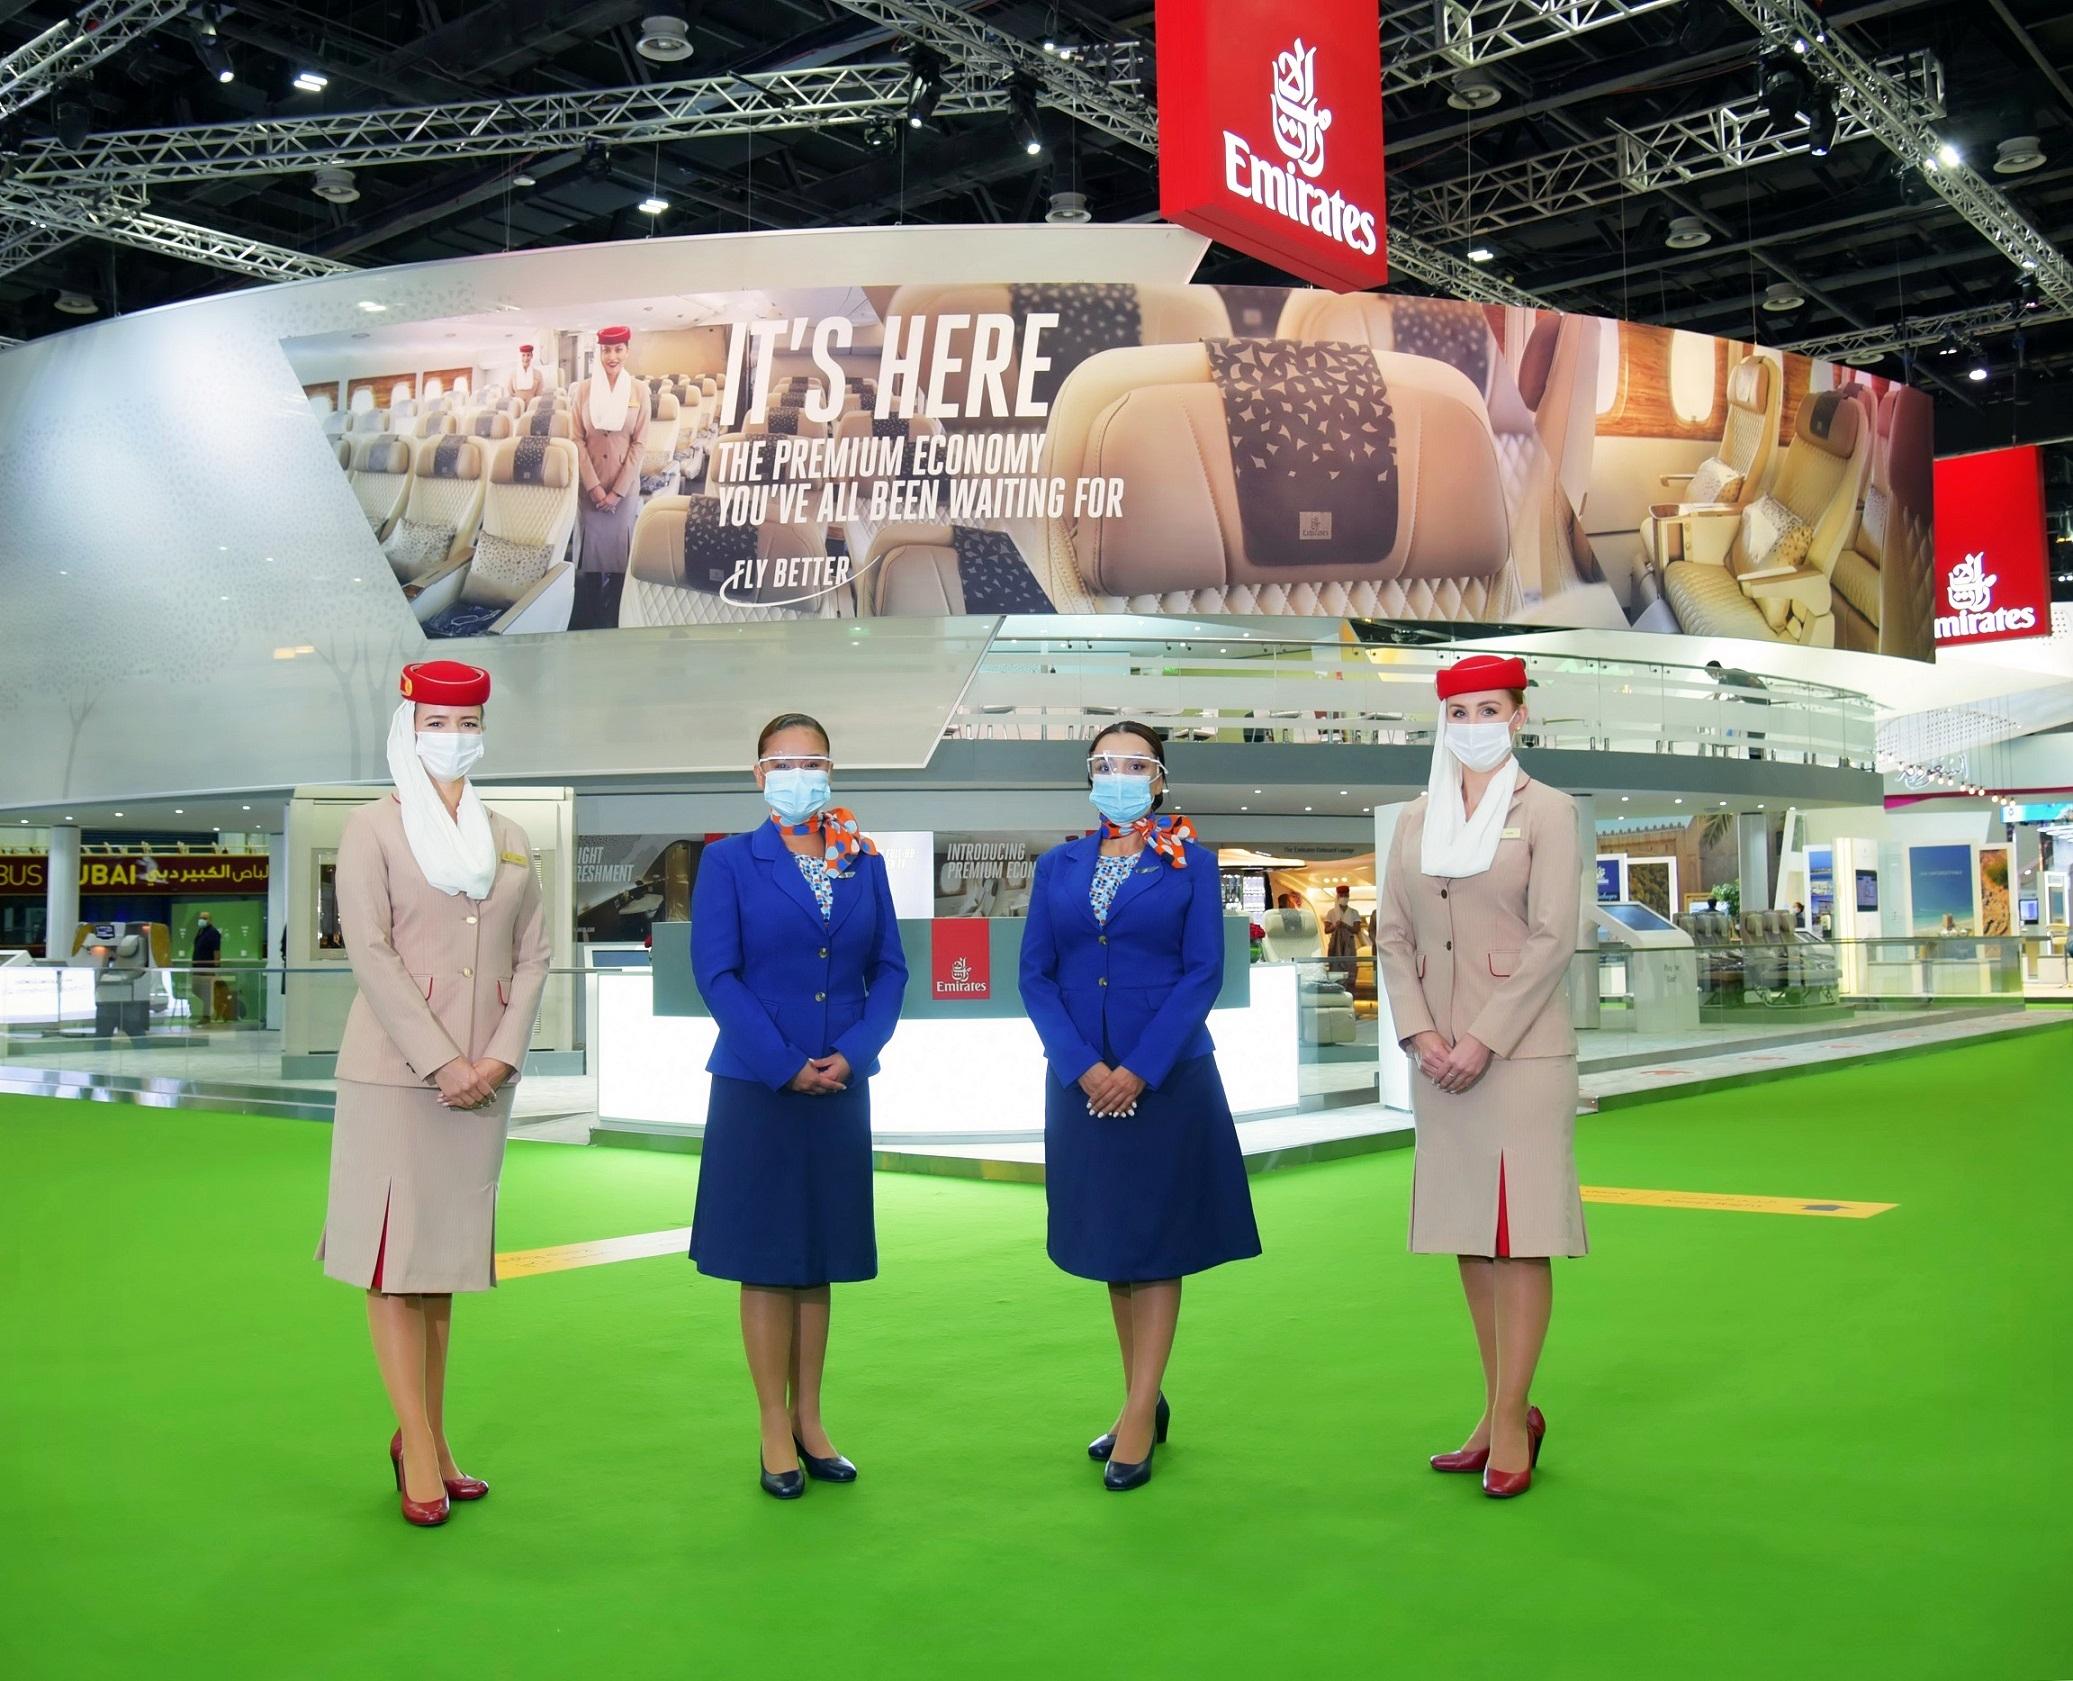 阿联酋航空与flydubai重启战略伙伴关系